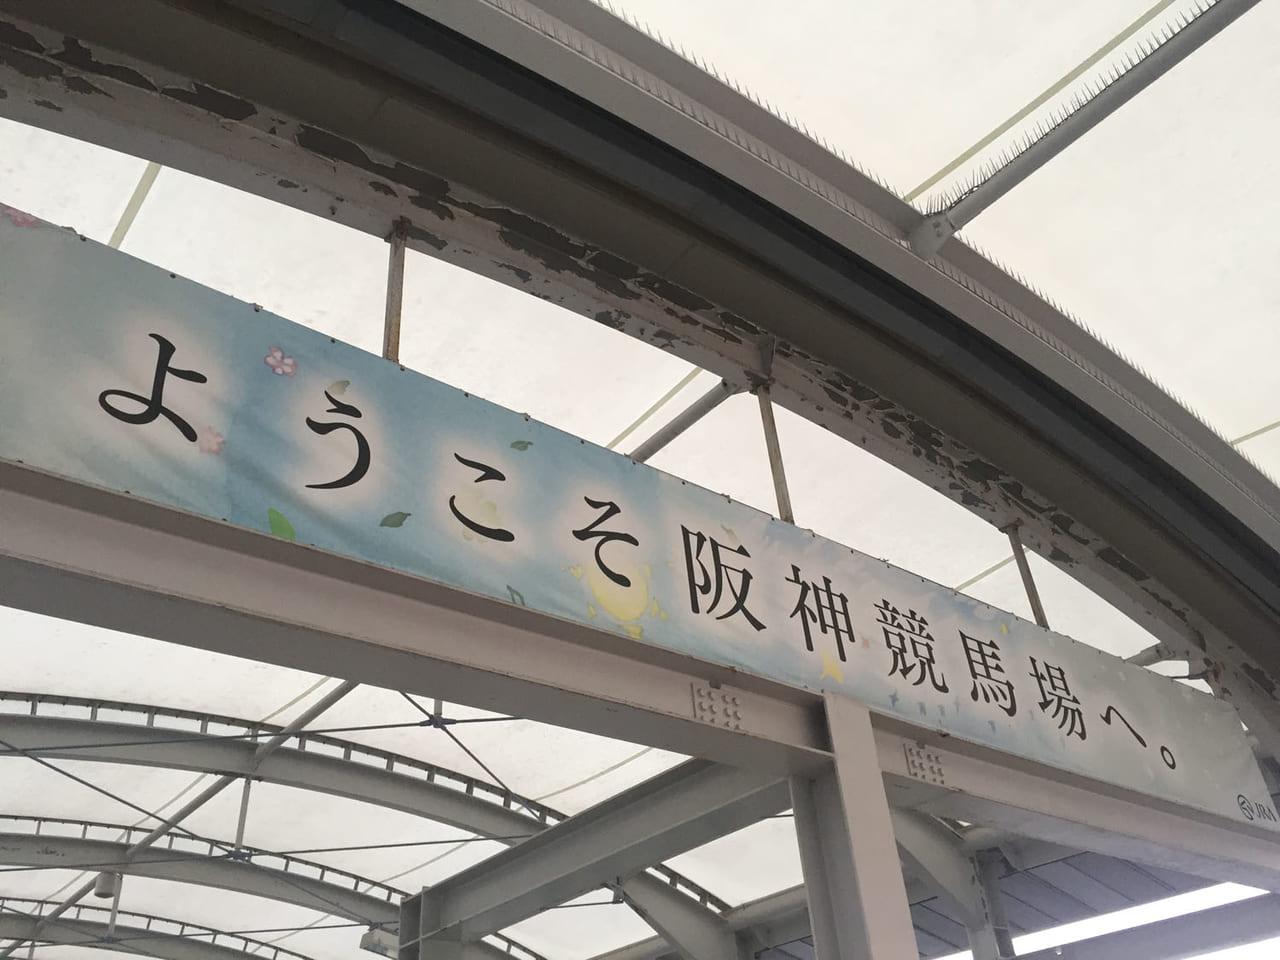 阪神競馬場へようこそ看板